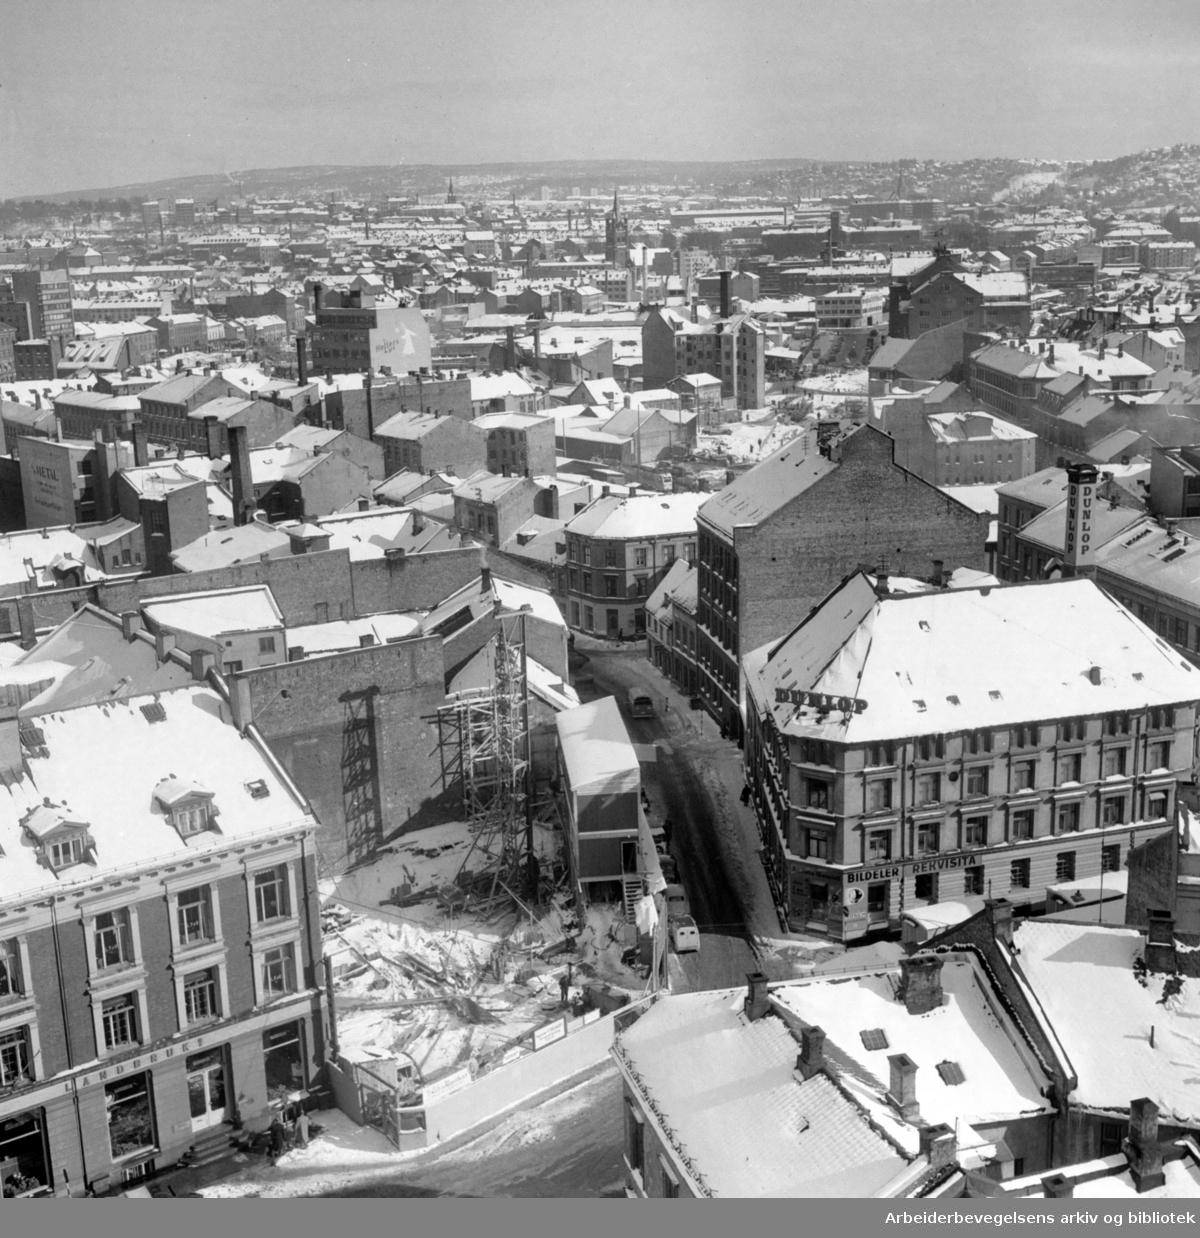 Vaterland. Sett fra hotell Viking. Mars 1957